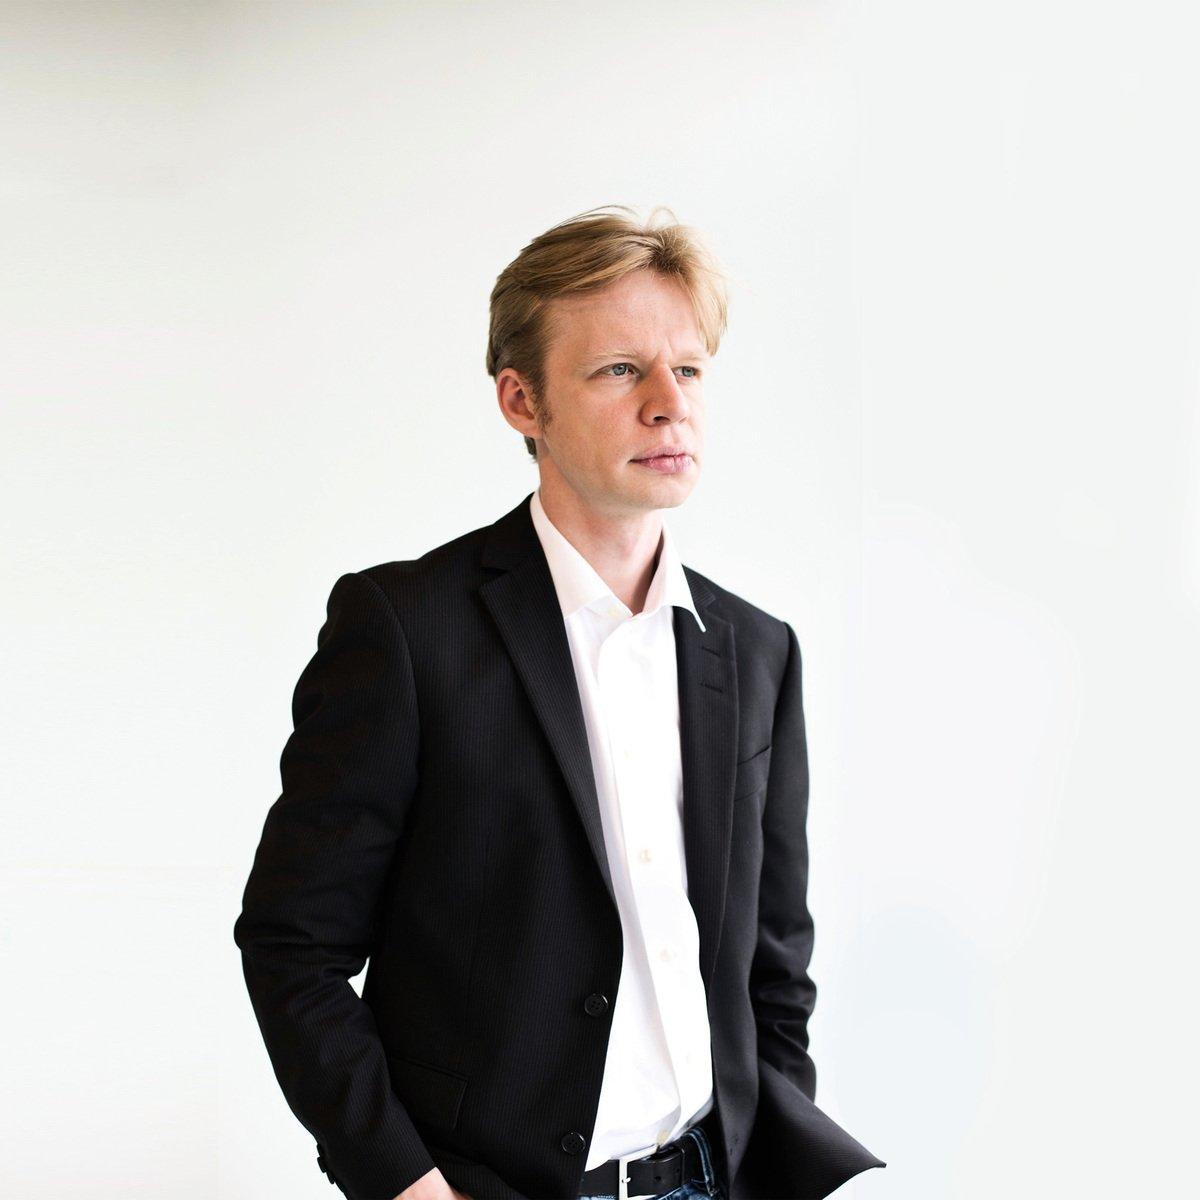 丹麥著名電視節目主持人克萊門·比亨特·克斯古(Clement Behrendt Kjersgaard)(網絡圖片)